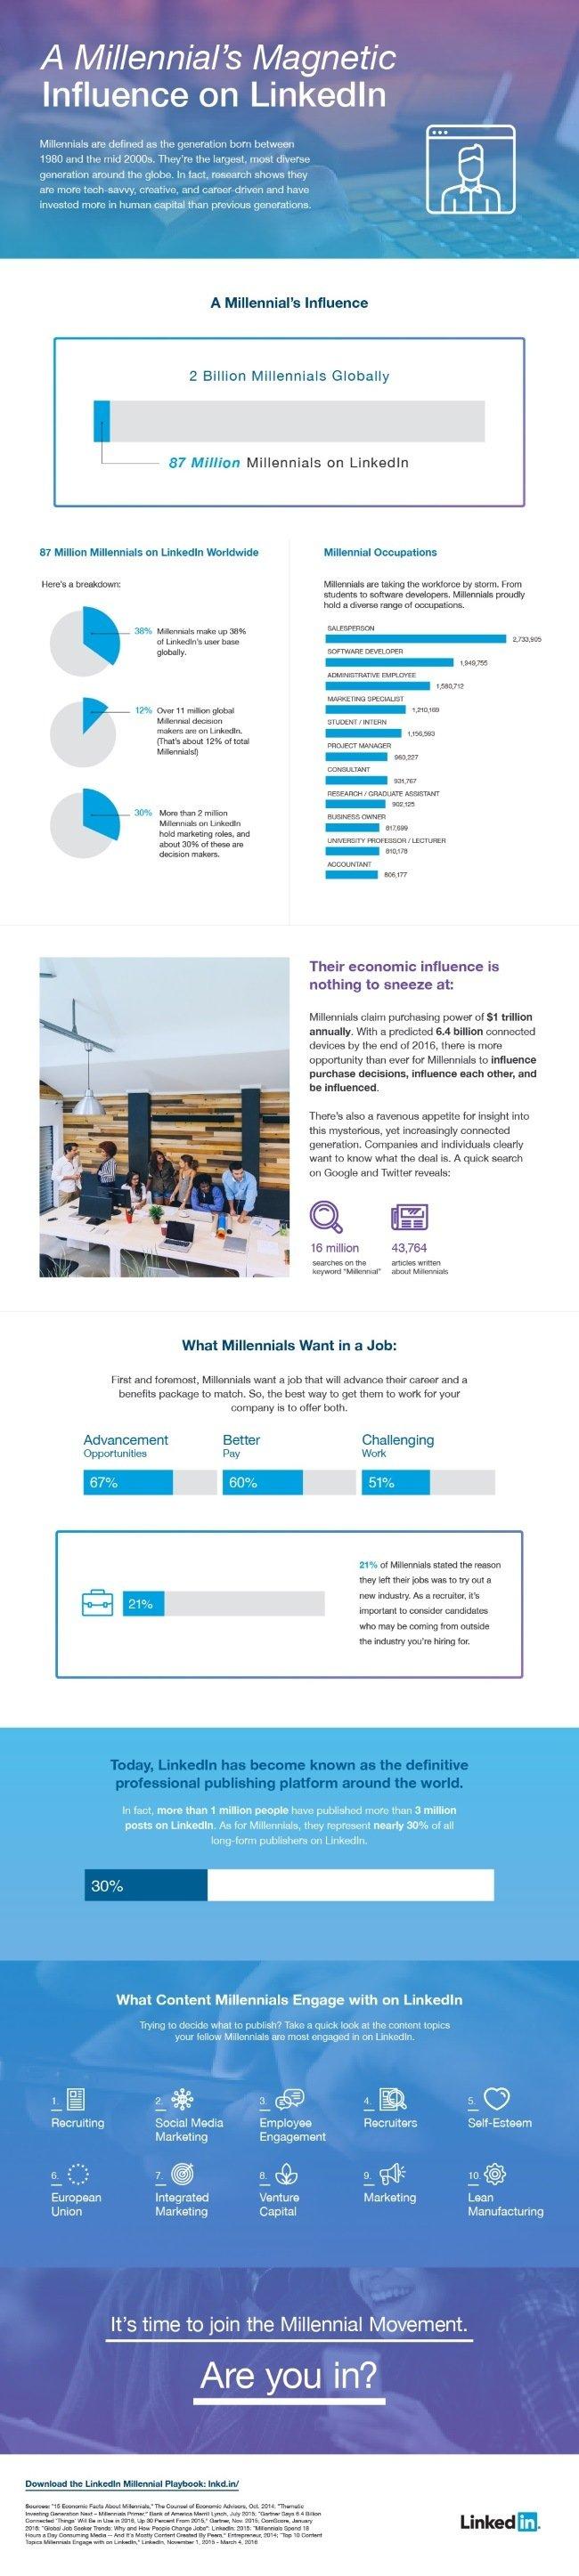 ¿Quieres saber cómo utilizan la red LinkedIn los Millenials?